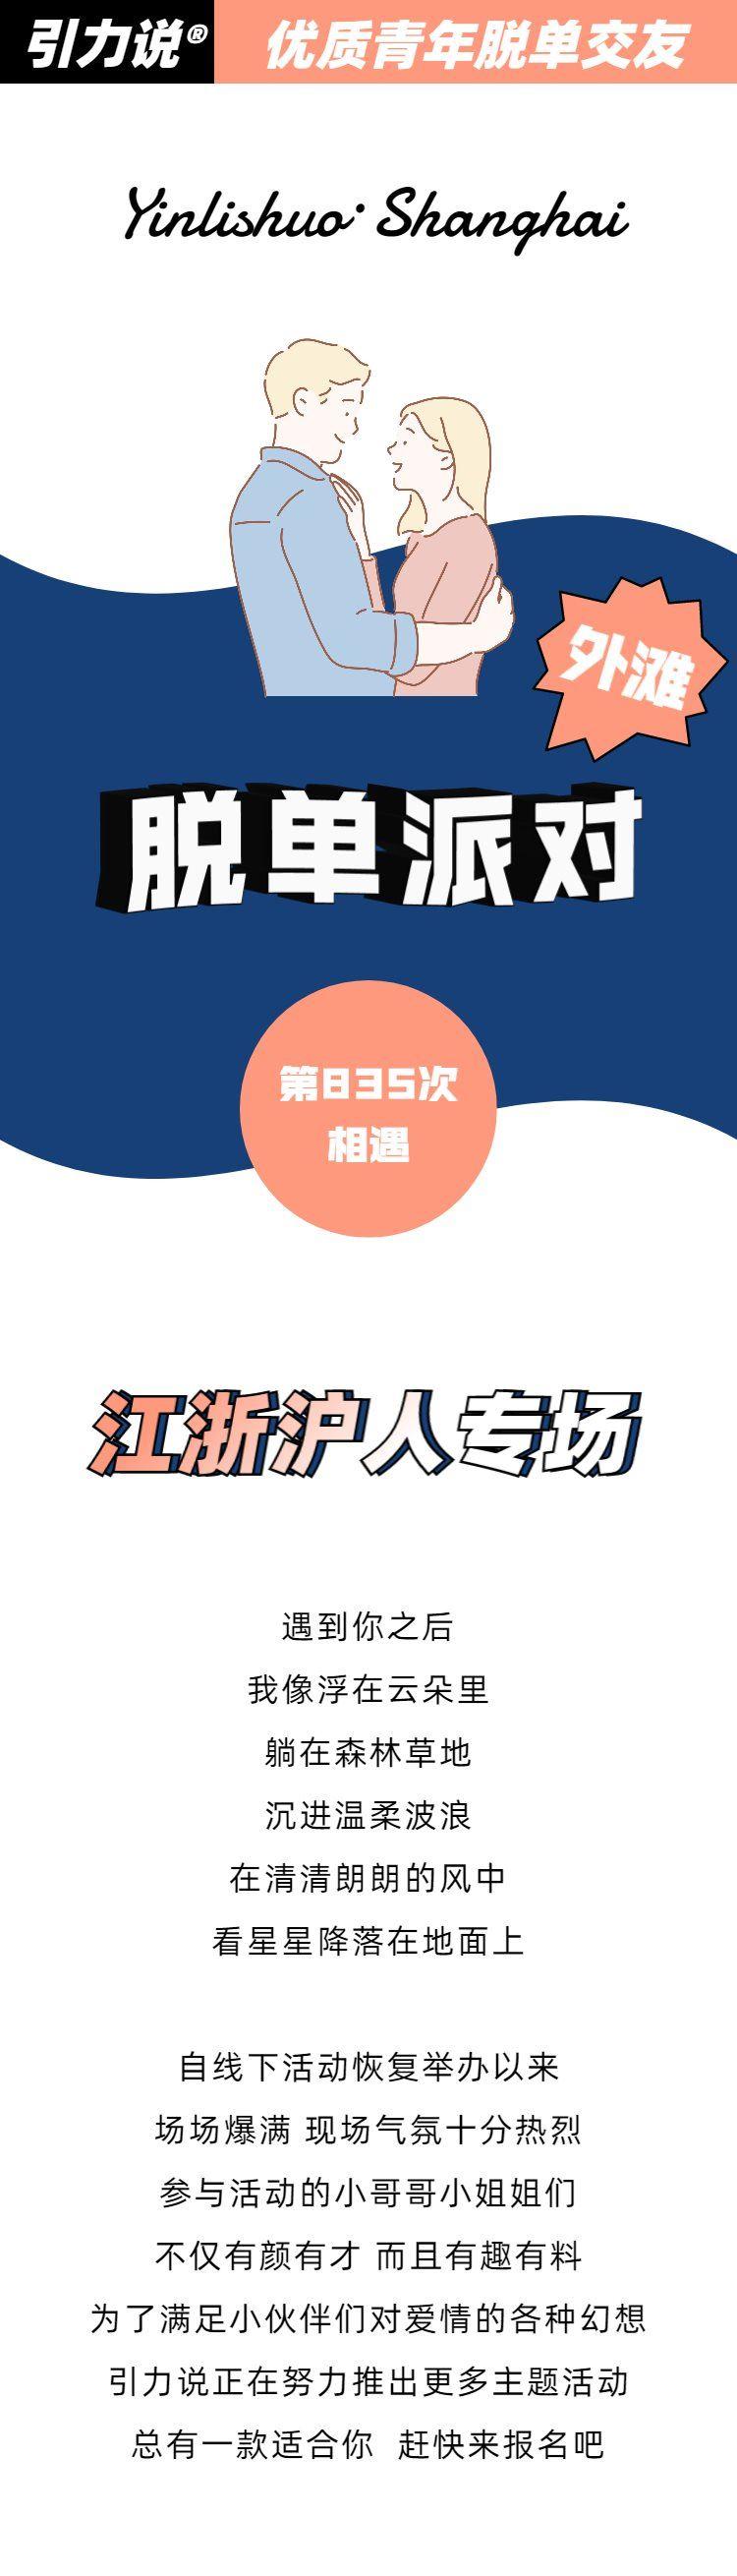 4.24 江浙沪-1.png